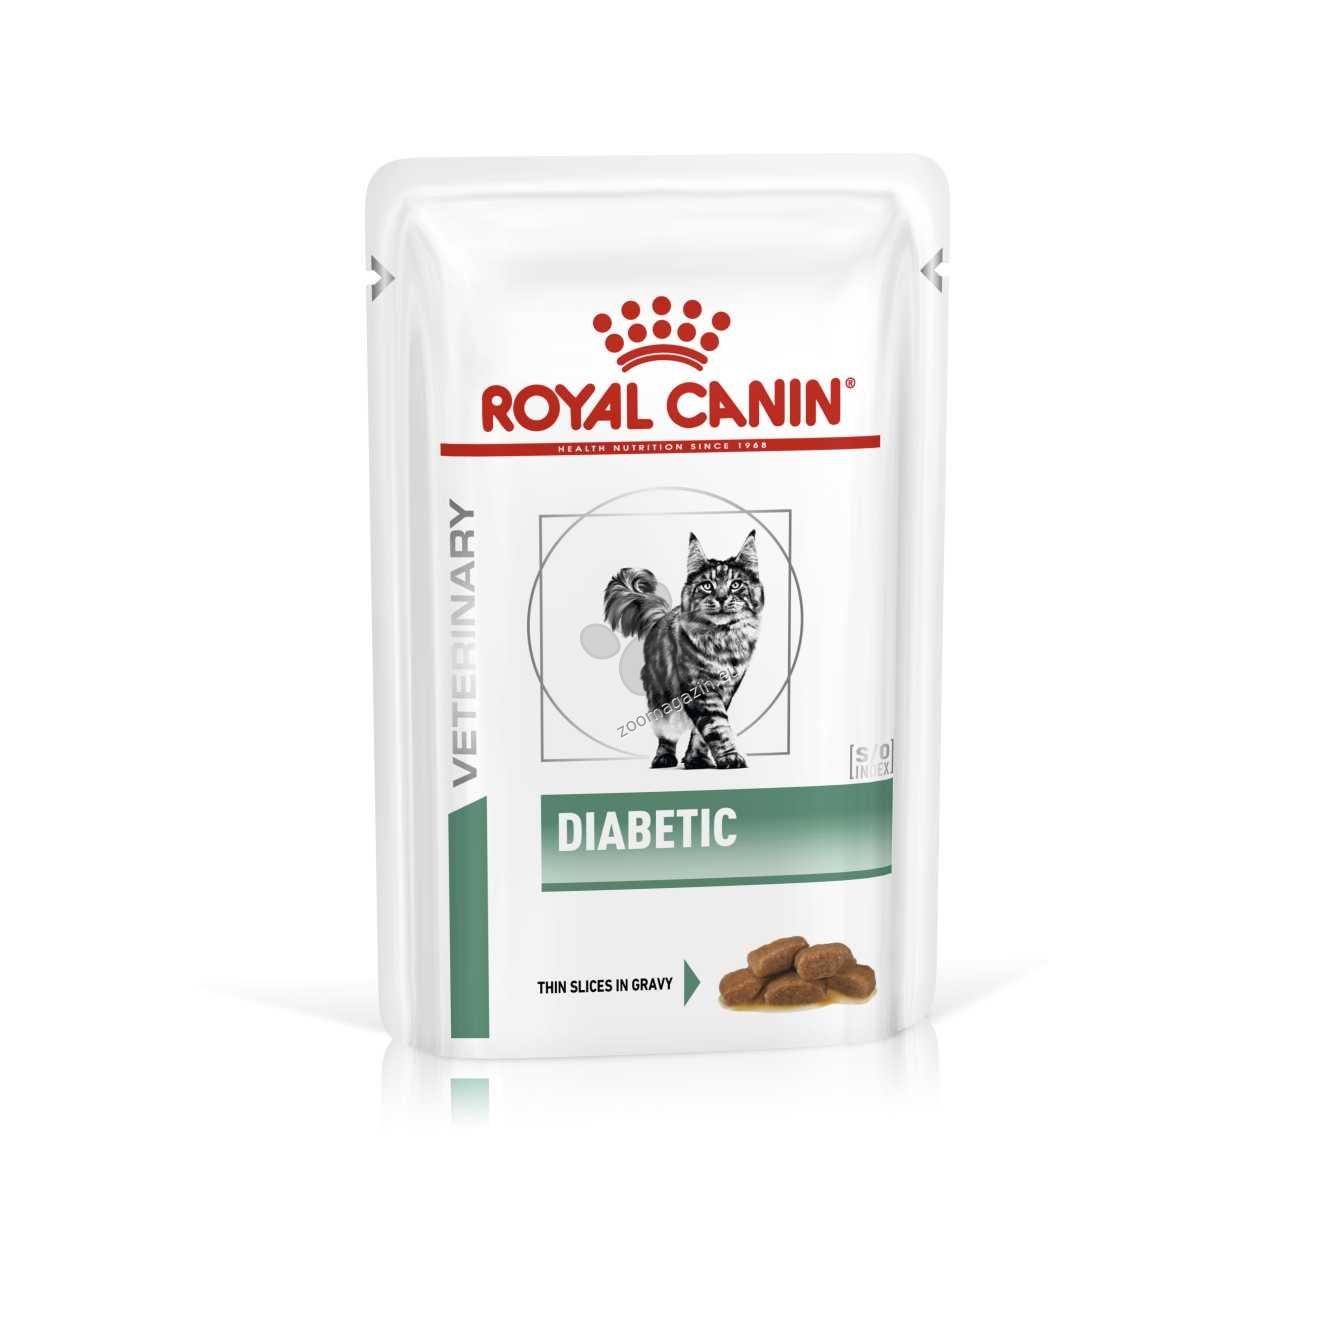 Royal Canin Diabetic Cat - лечебна храна за котки, формулирана, за да регулира доставката на глюкоза (захарен диабет). Тази храна съдържа ниско ниво на бързо смилаеми въглехидрати. 85 гр.